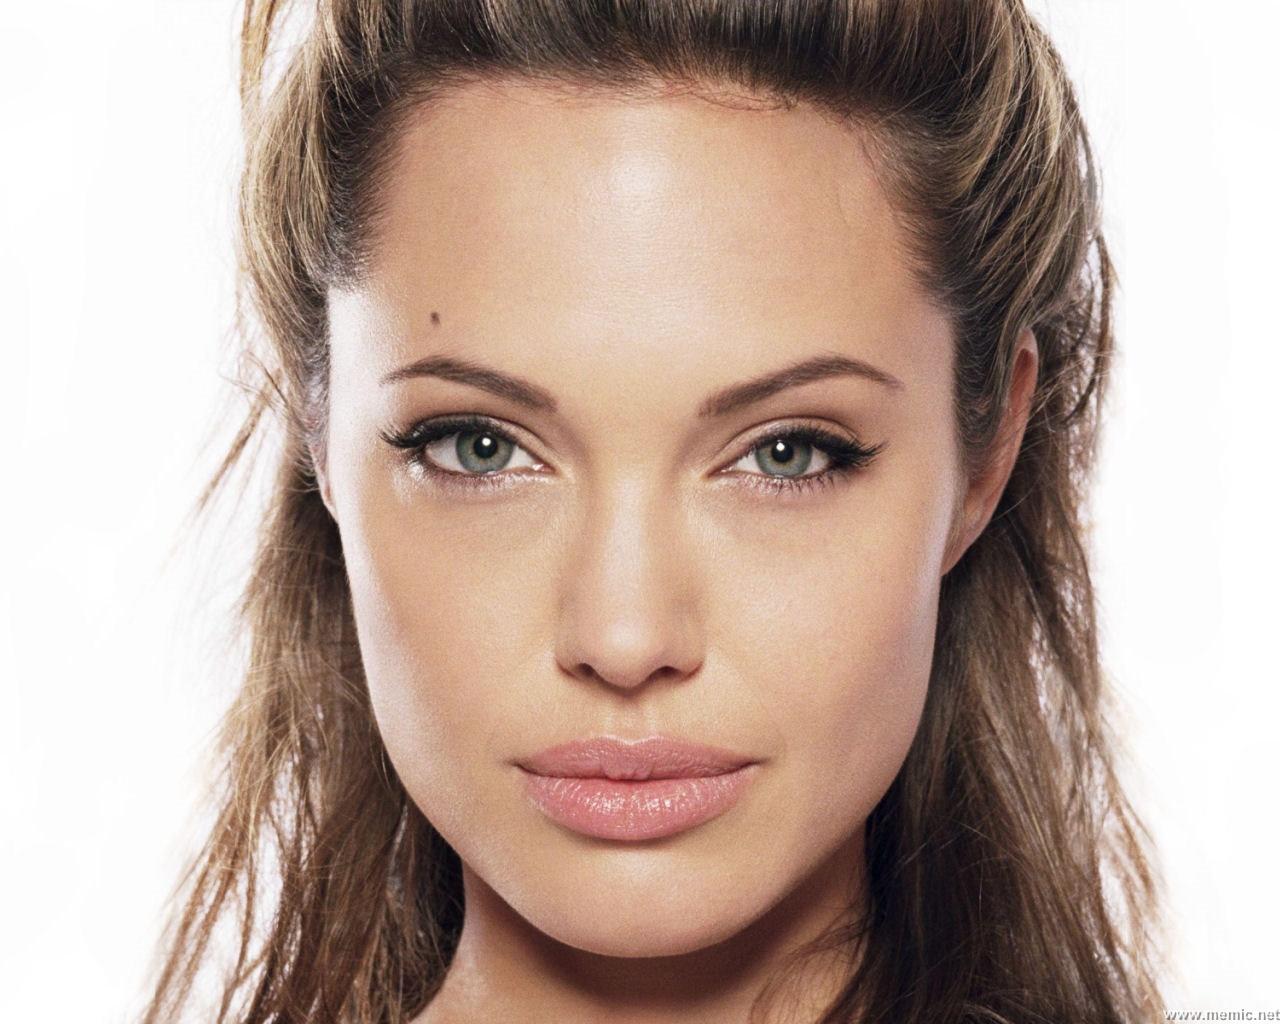 Angelina Jolie in veste di regista, lavorerà con i fratelli Coen nella realizzazione di un nuovo film ambientato nella Seconda Guerra Mondiale ed ispirato a ... - angelina-jolie-regista